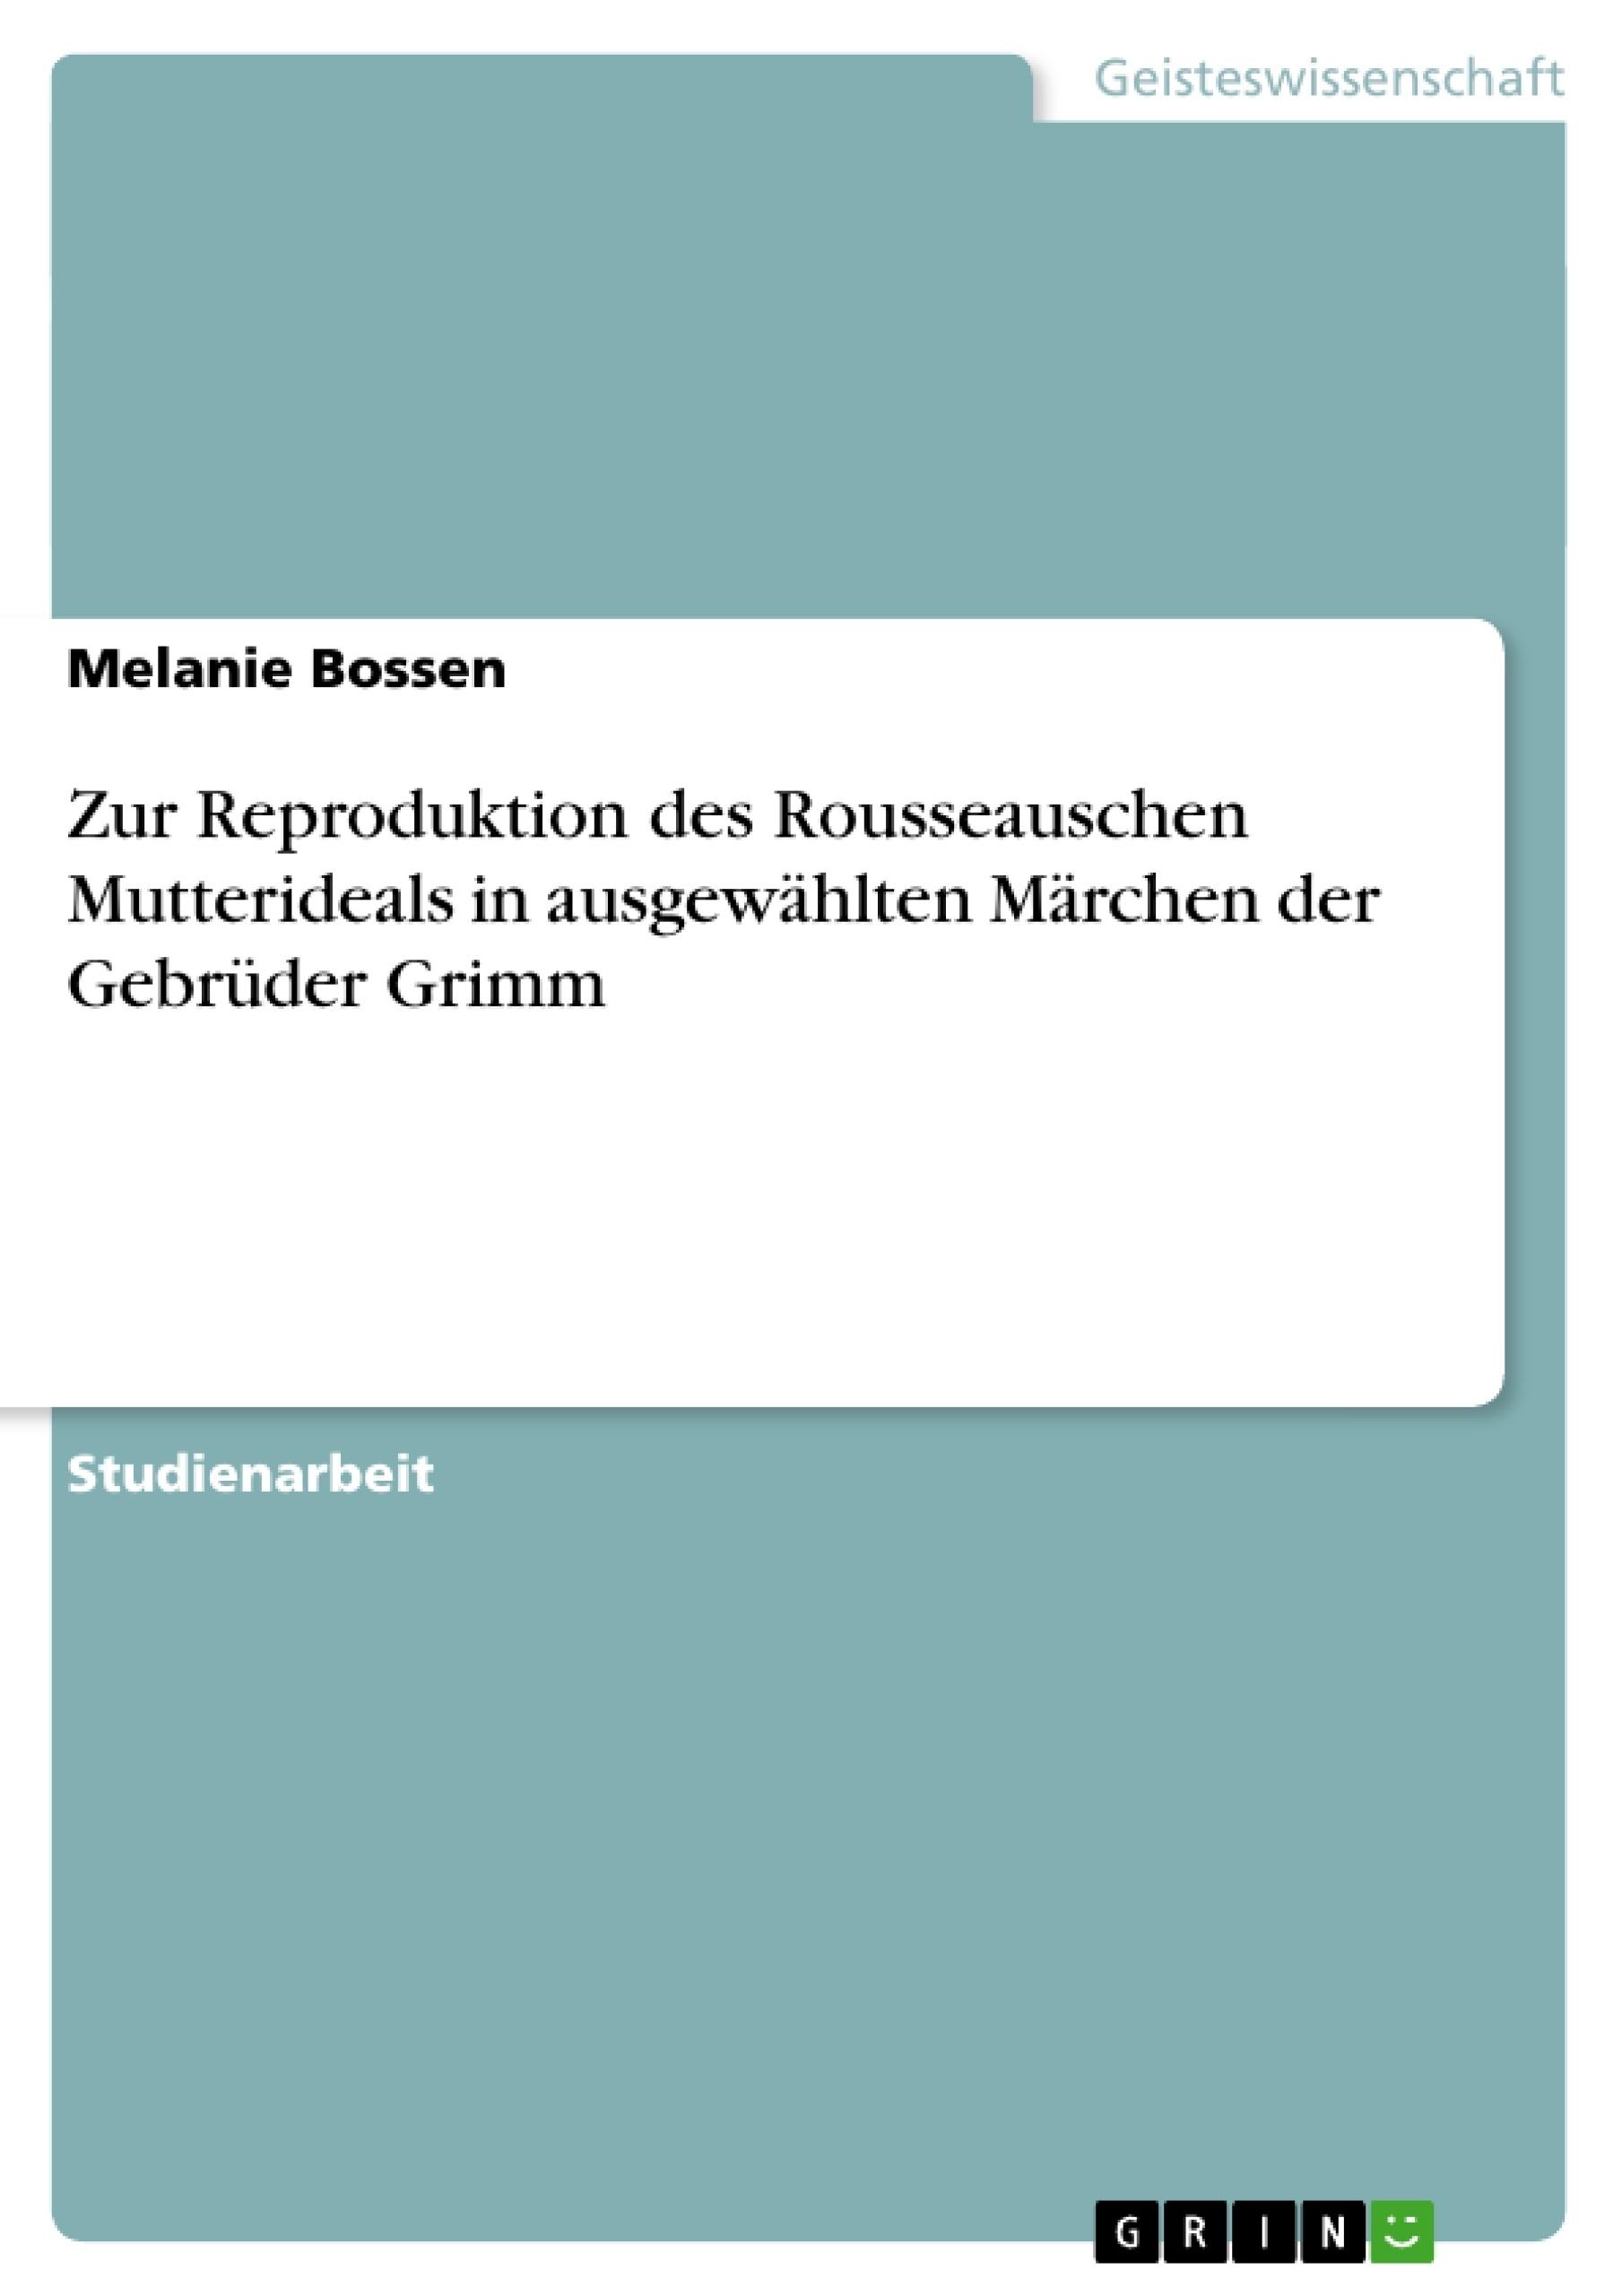 Titel: Zur Reproduktion des Rousseauschen Mutterideals in ausgewählten Märchen der Gebrüder Grimm